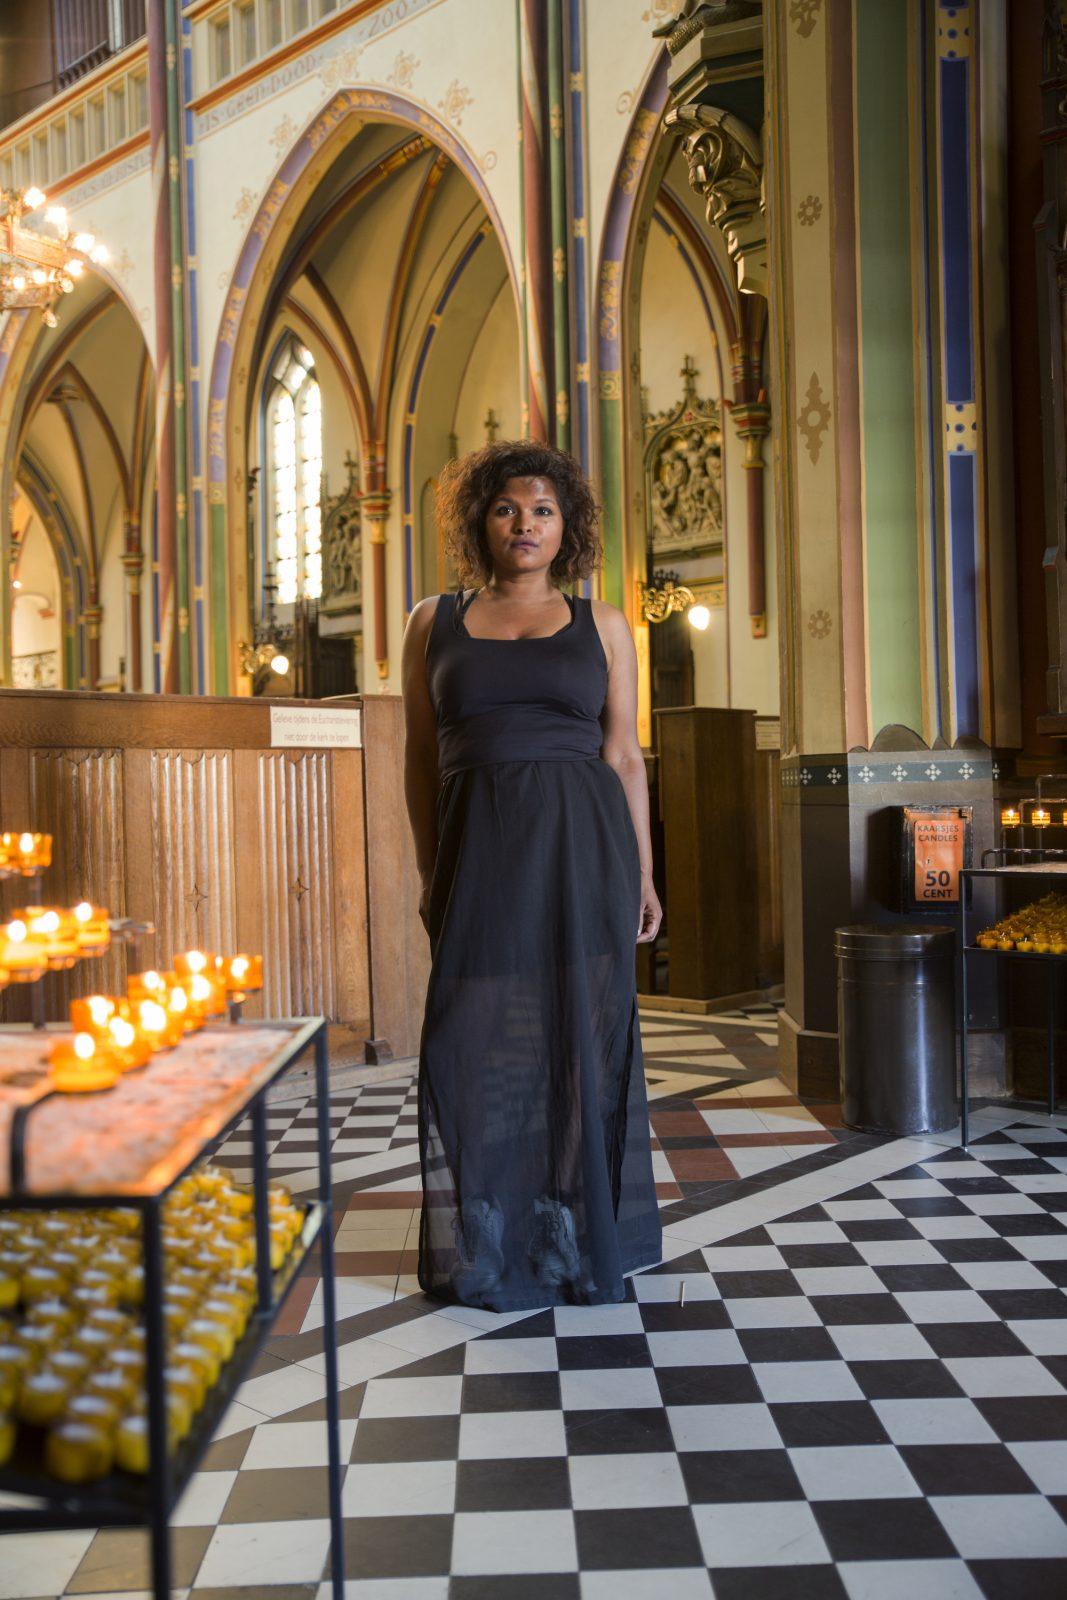 kerk-portret-artikel-ula11